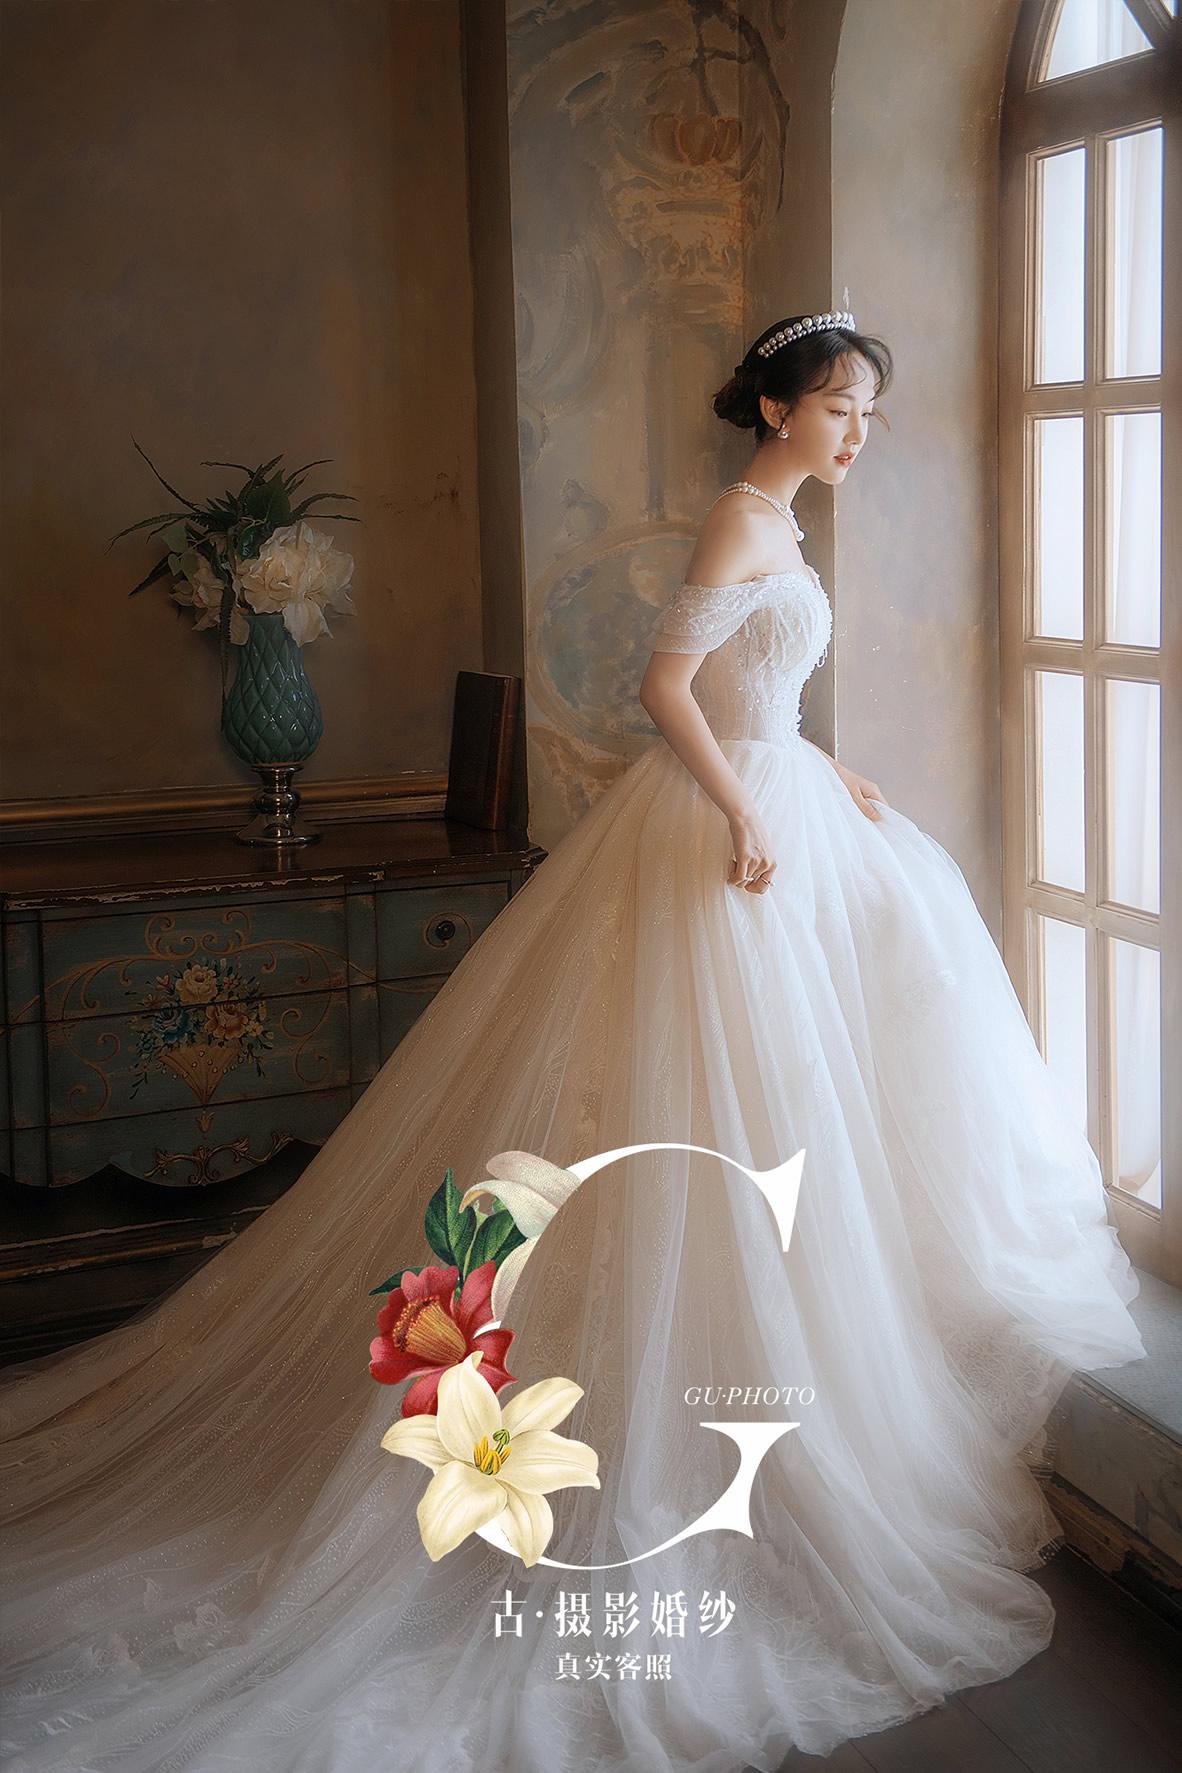 余先生 王小姐 - 每日客照 - 古摄影婚纱艺术-古摄影成都婚纱摄影艺术摄影网